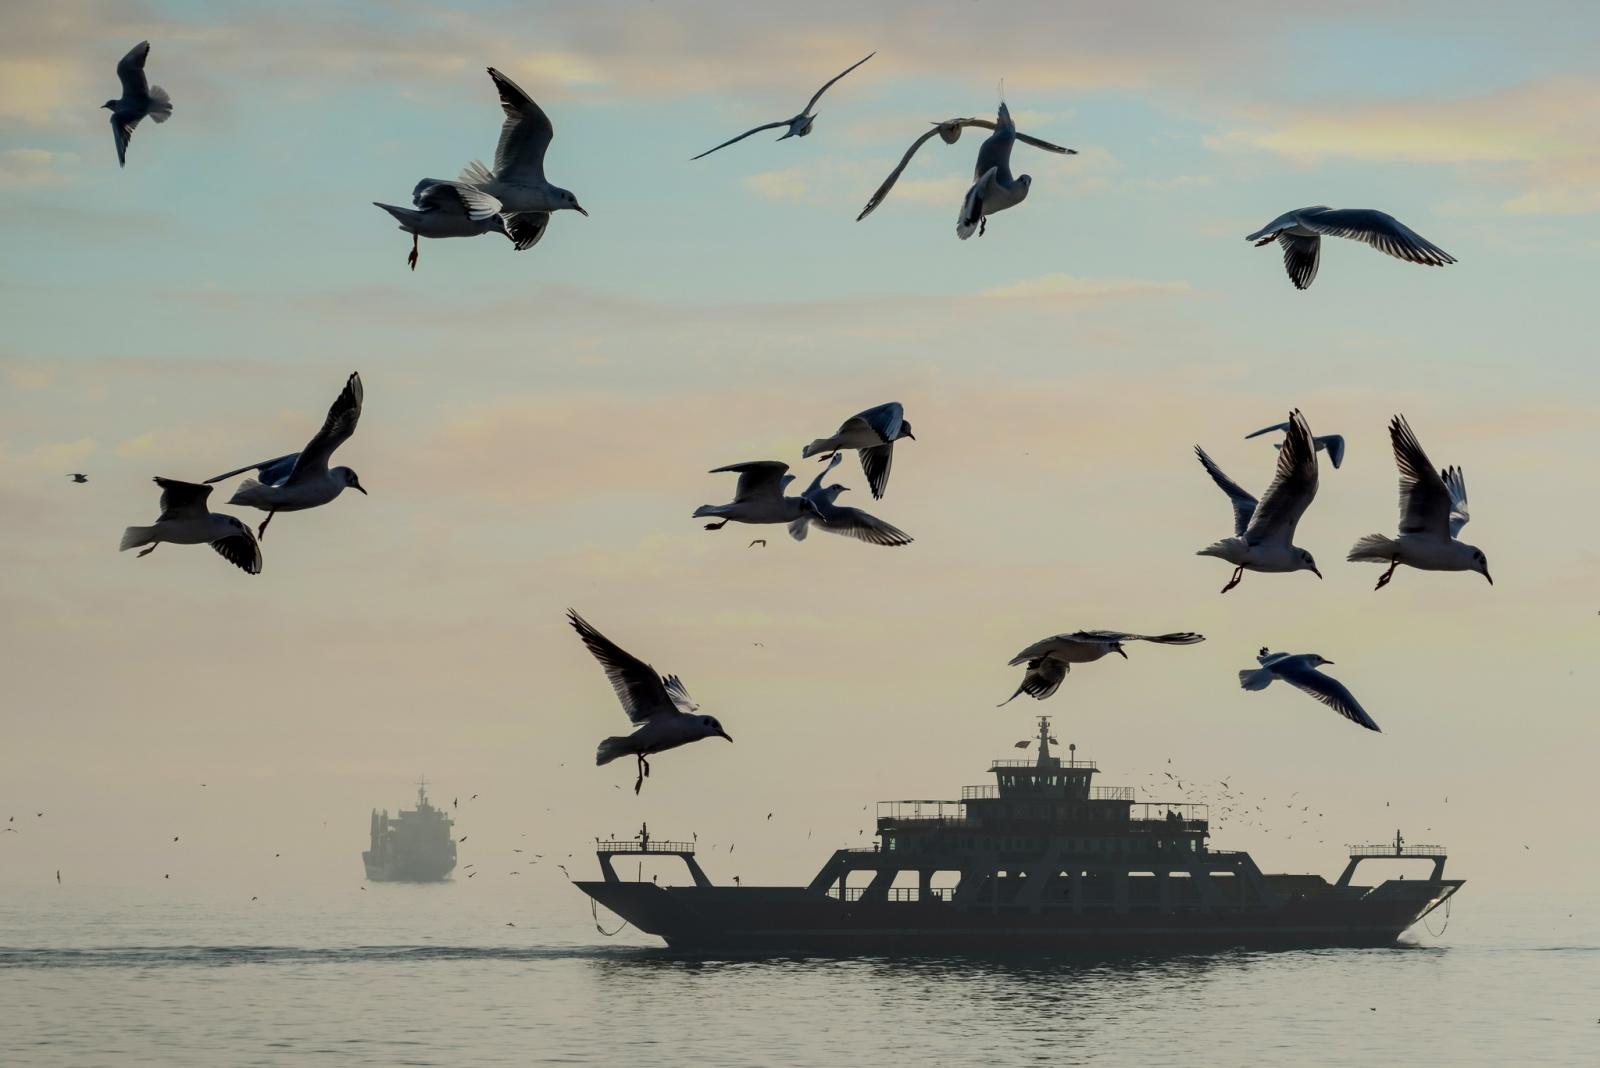 Yalova Ferry and Seagulls